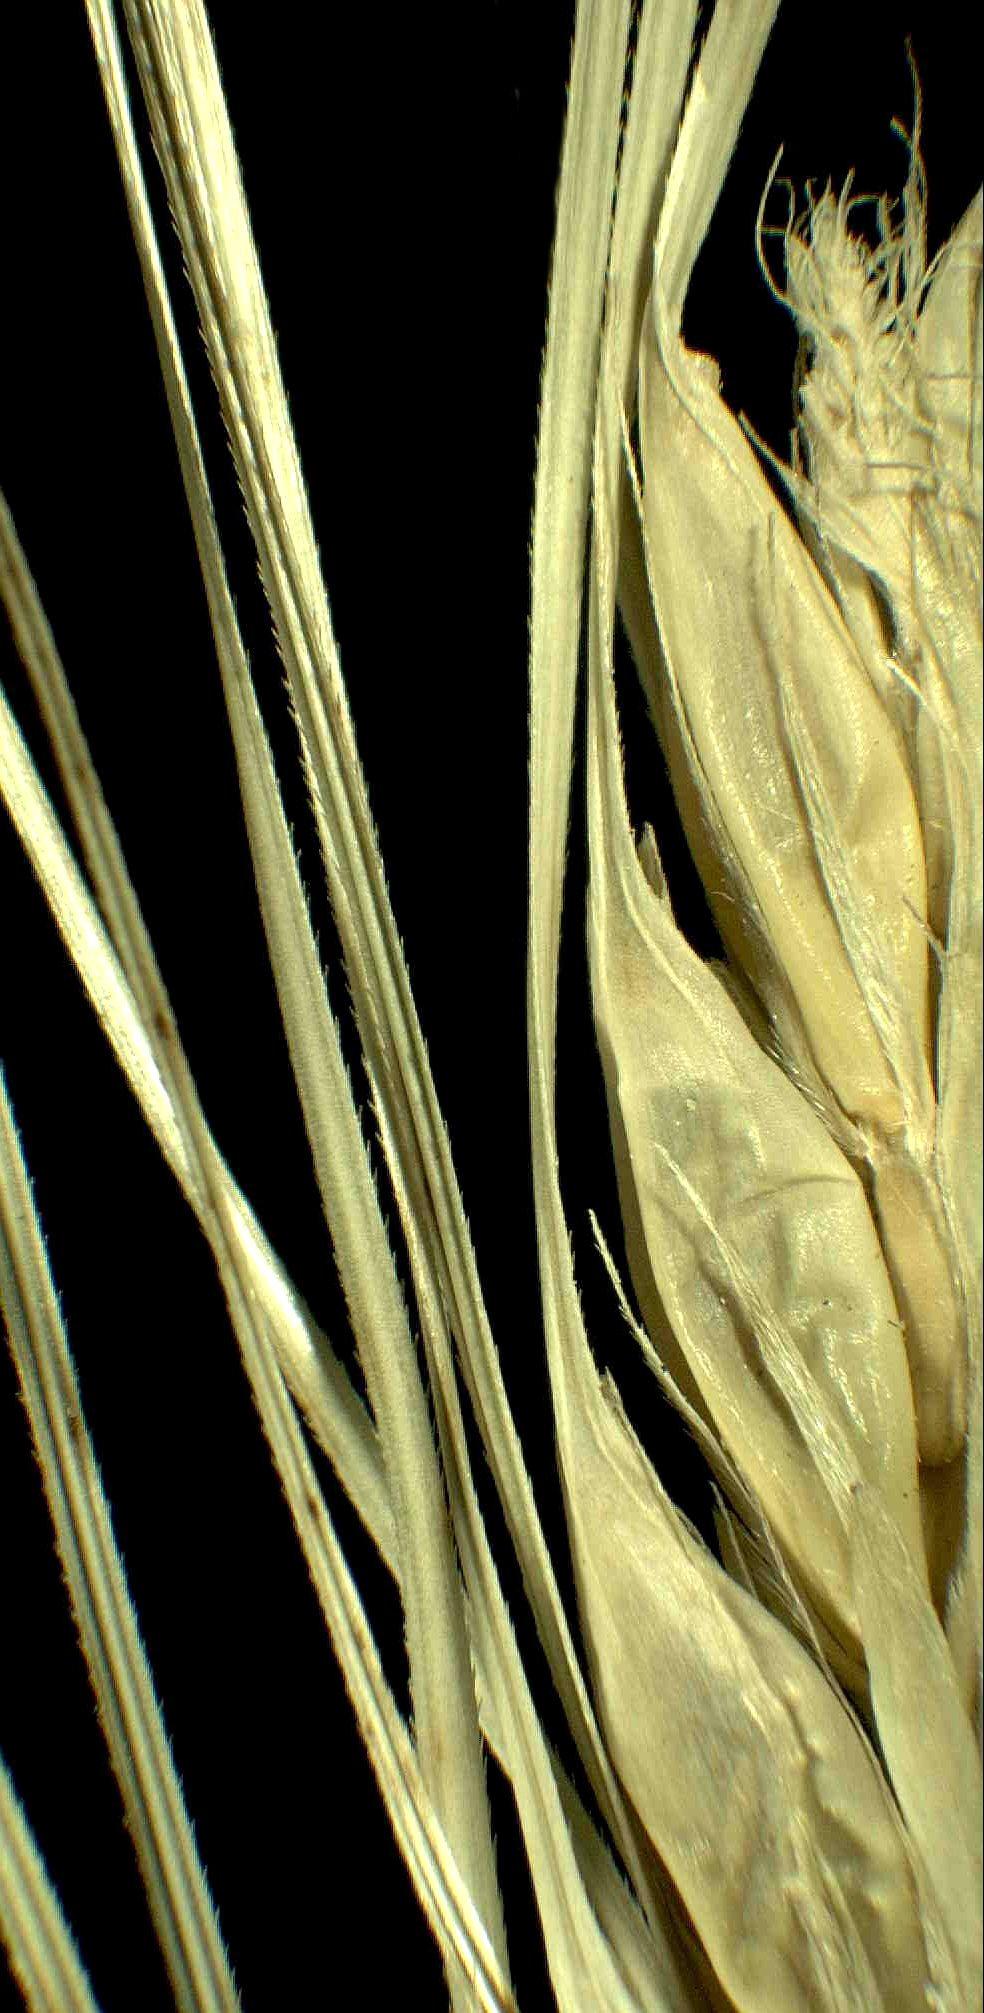 © Dipartimento di Scienze della Vita, Università degli Studi di Trieste<br>by Andrea Moro<br>Comune di Follonica, campi coltivati presso l'abitato. , GR, Toscana, Italia, 28/1/05 0.00.00<br>Distributed under CC-BY-SA 4.0 license.